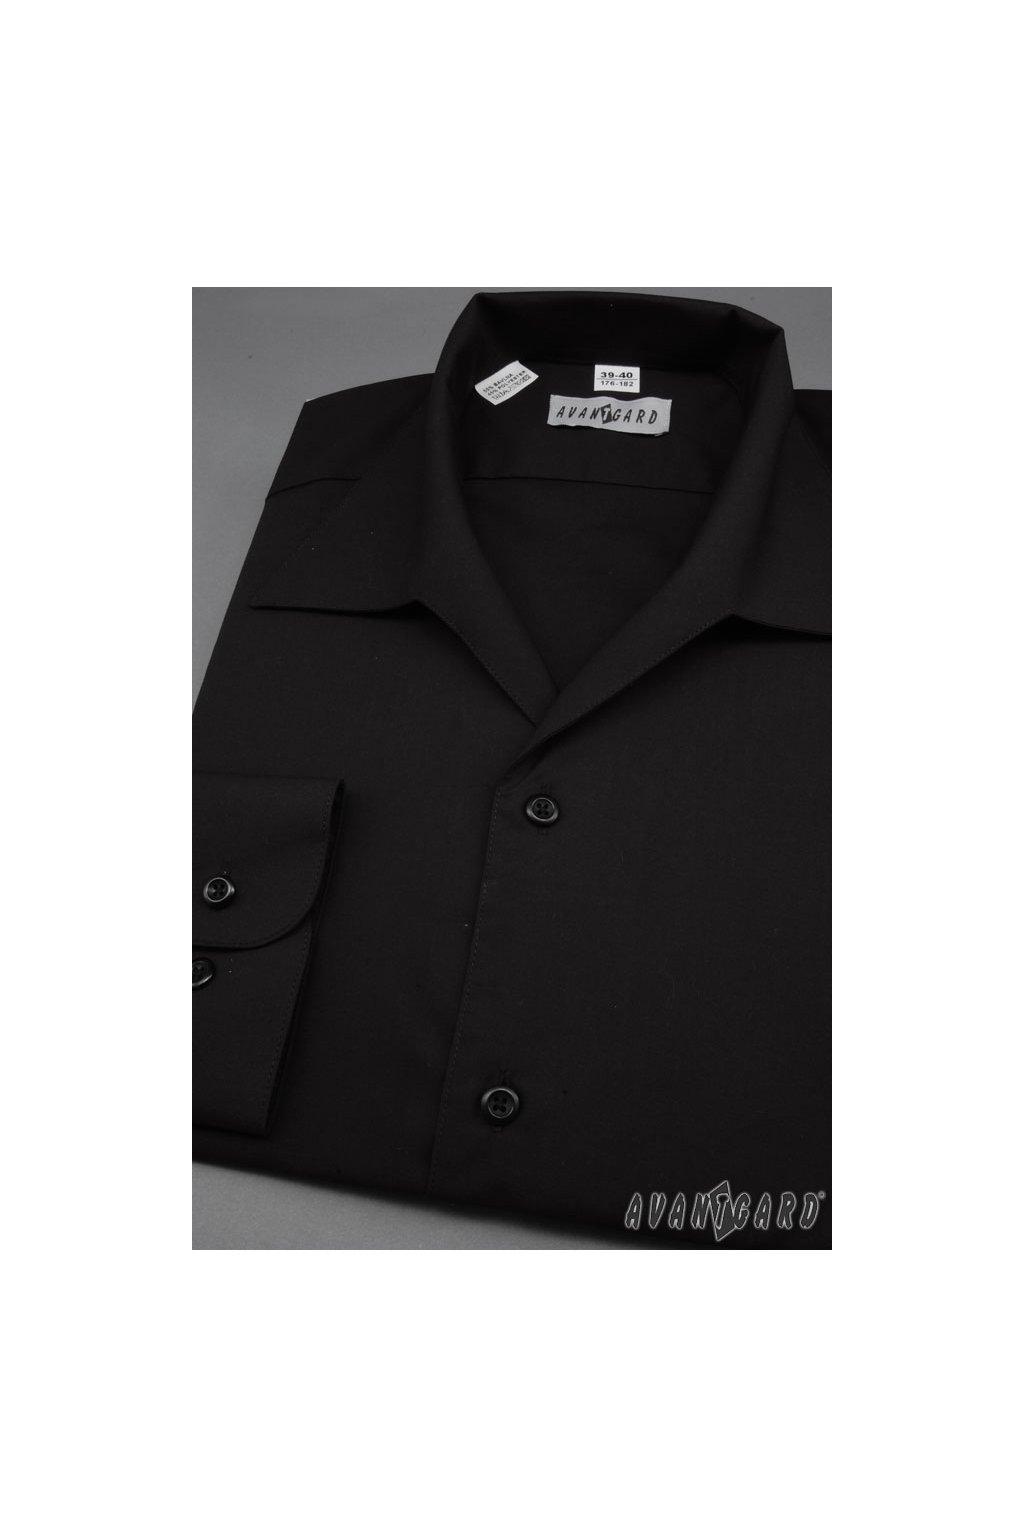 Pánská košile s rozhalenkou, dl.rukáv černá 457 - 23